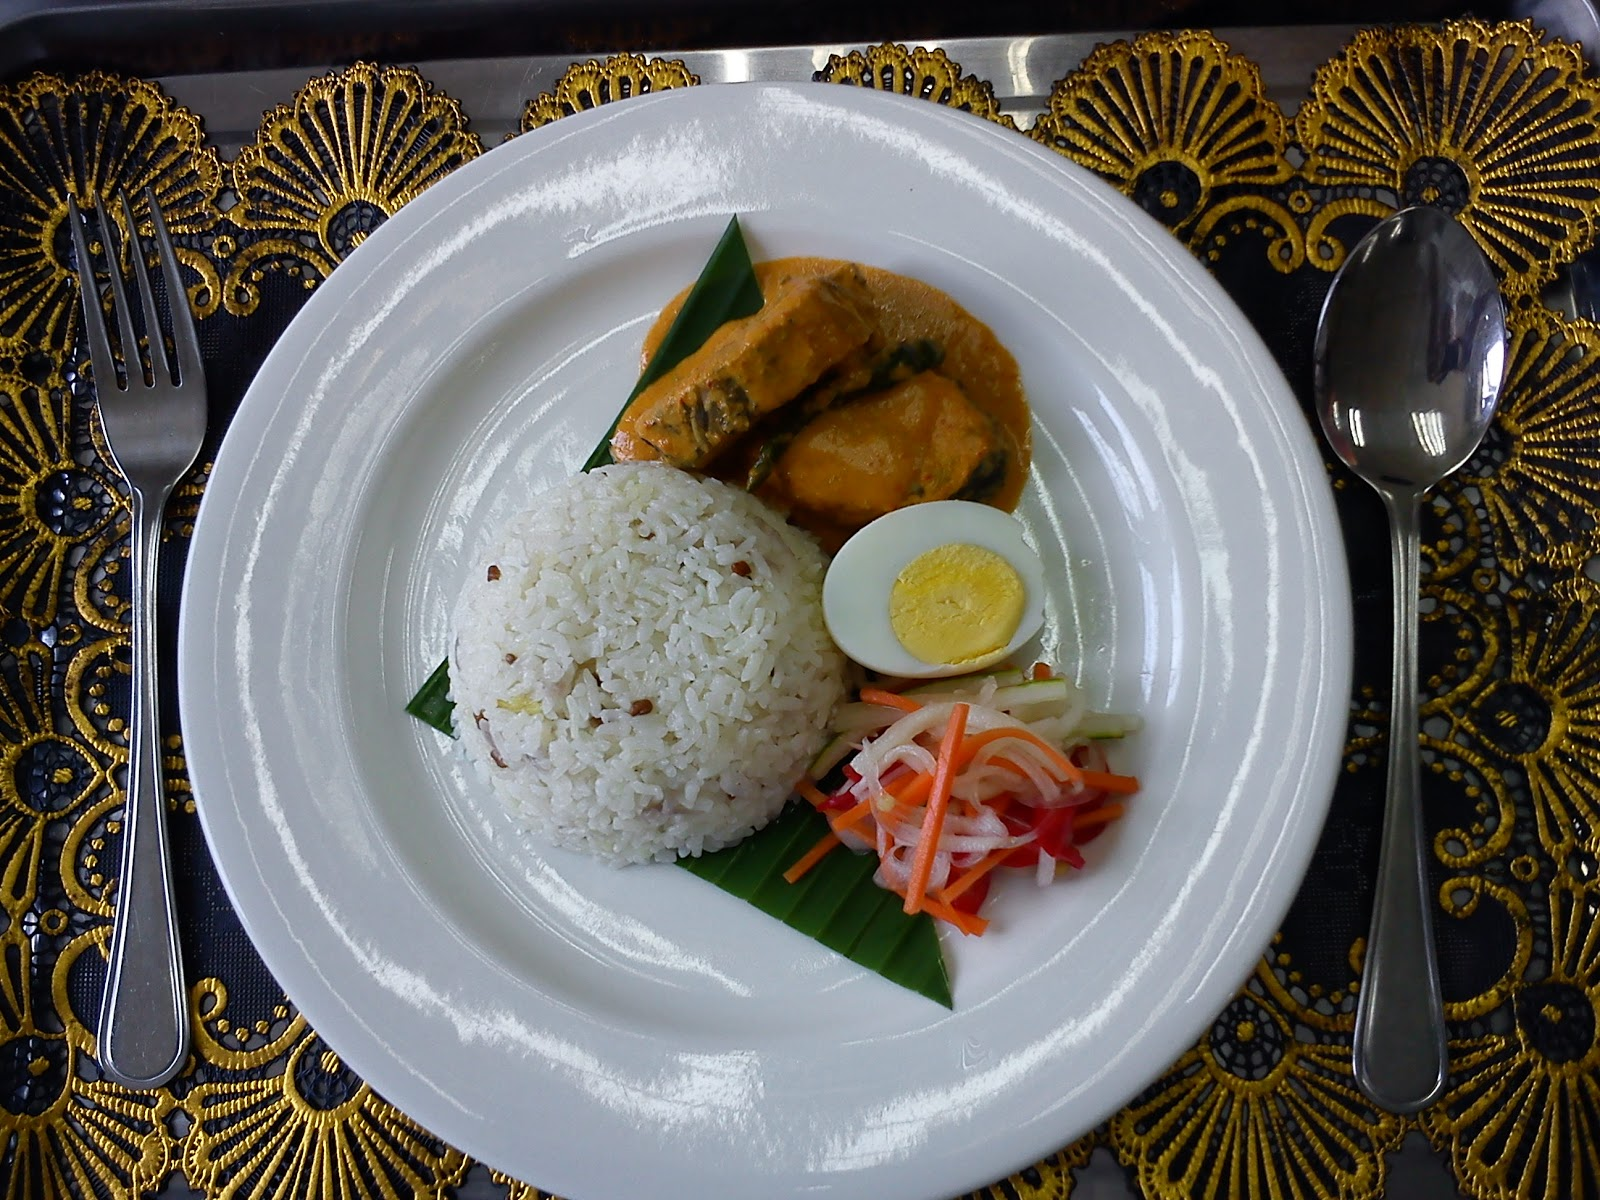 resepi gulai daging ala kelantan zannpxy blehs Resepi Gulai Ayam Chef Wan Enak dan Mudah